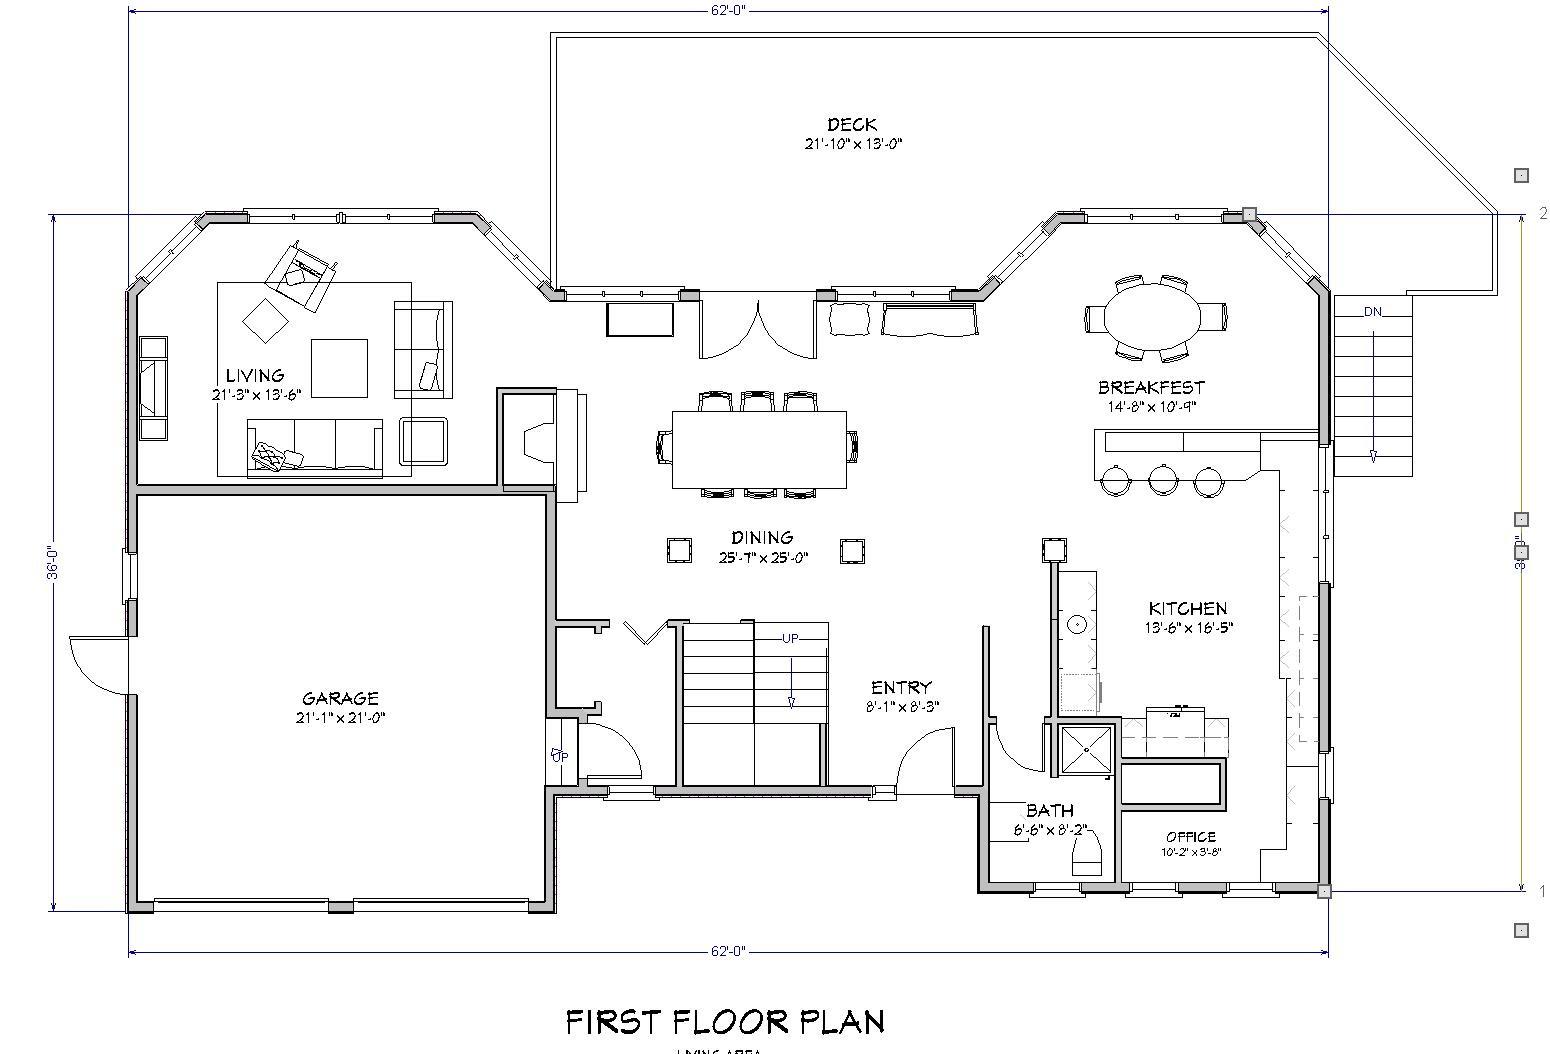 ada bathroom floor plans 2019: Beach house floor plans interior4you